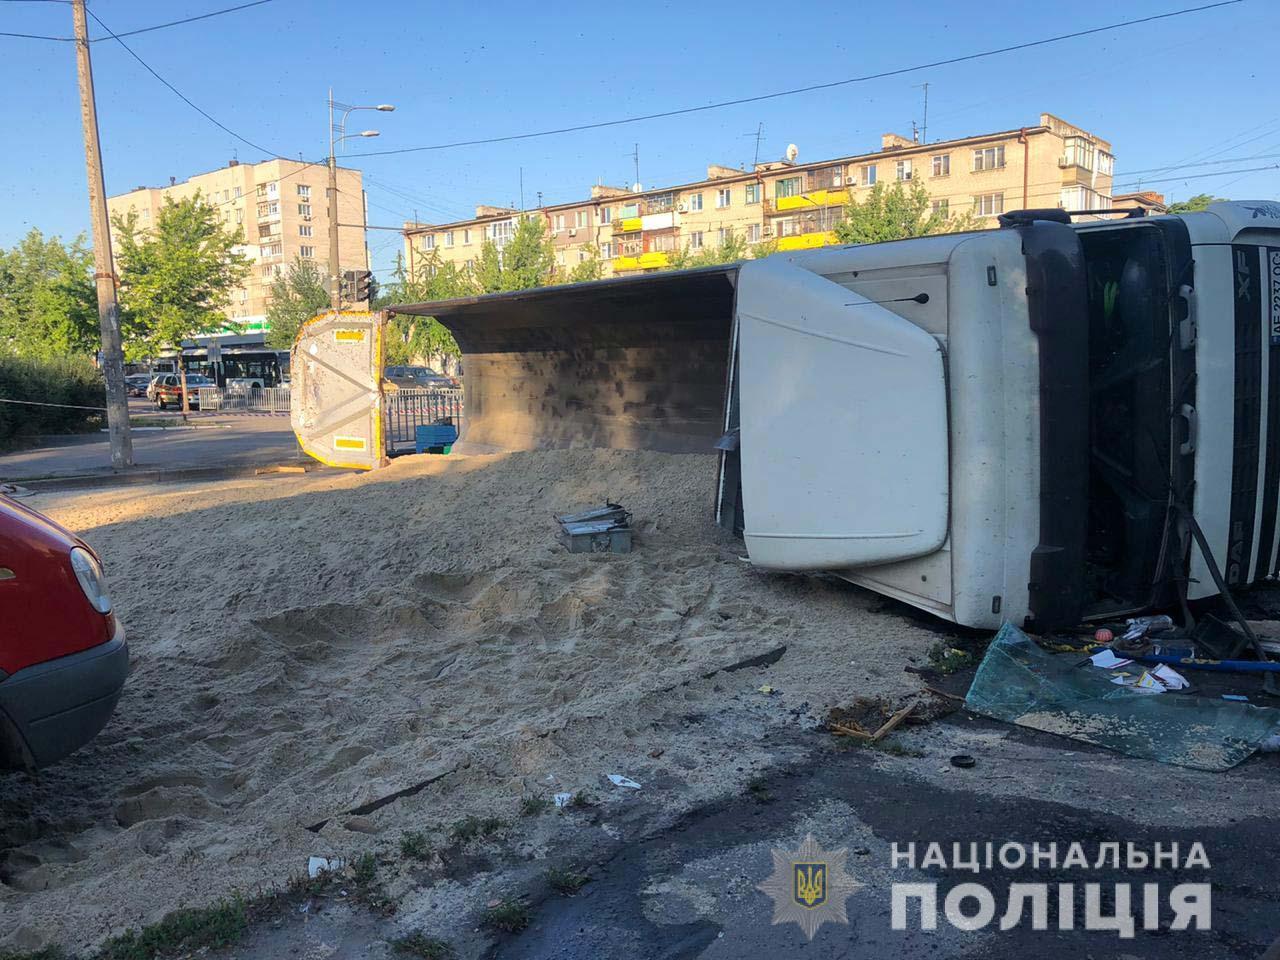 Полиция о смертельном ДТП на Байкальской в Днепре. Новости Днепра